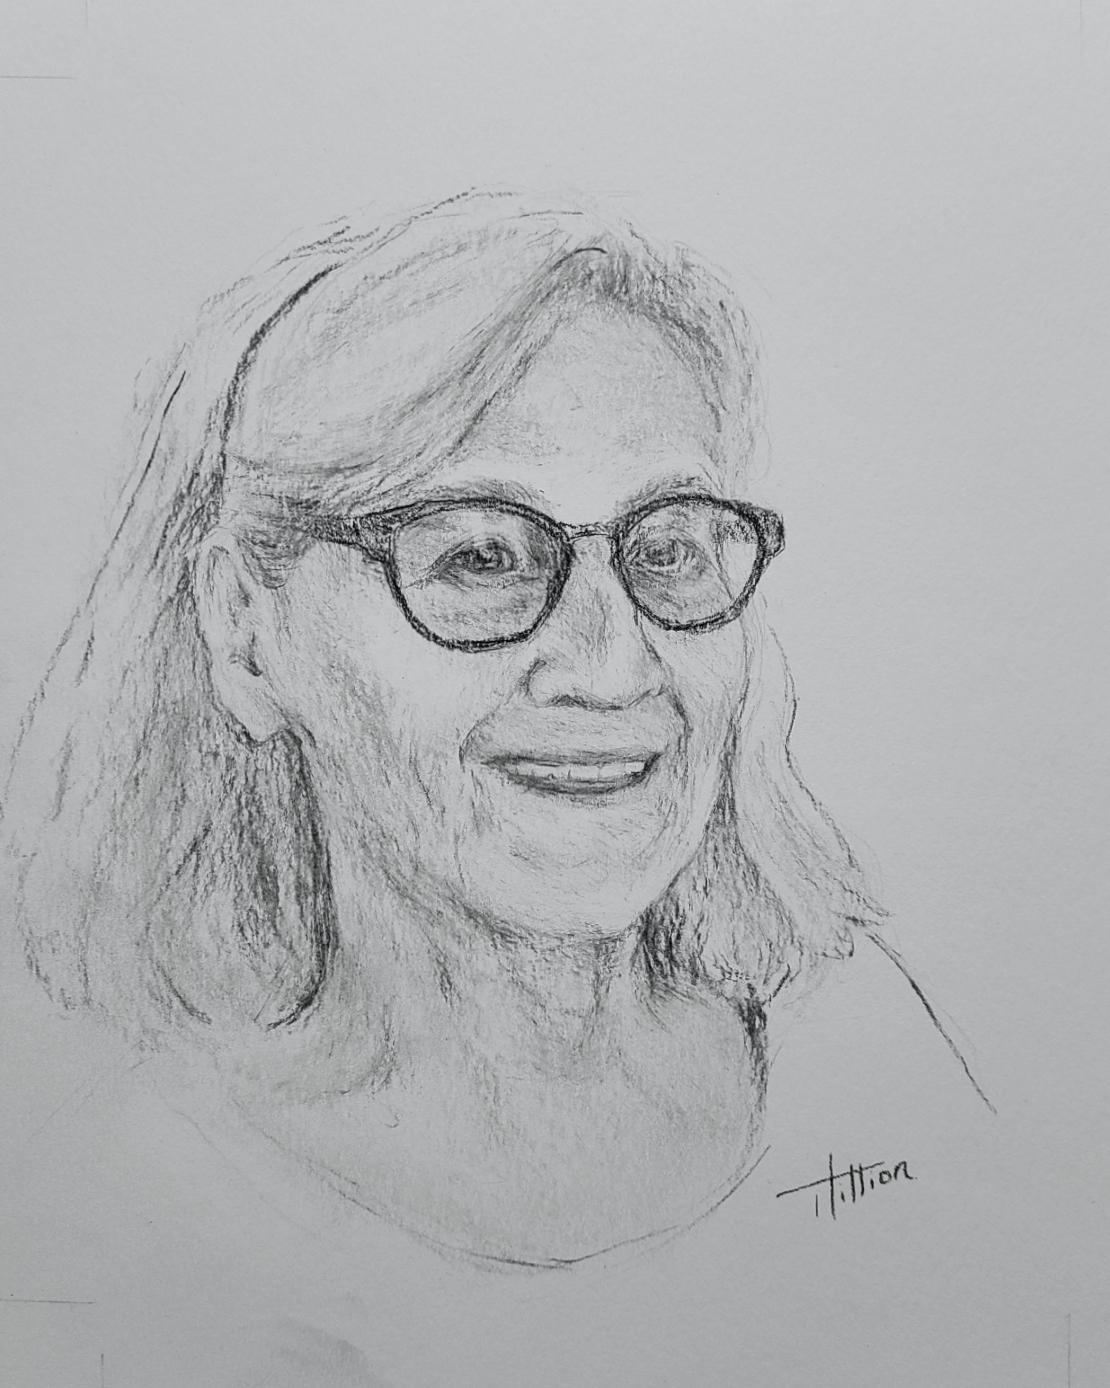 Thérèse - Les visages de notre histoire ©Tania Hillion